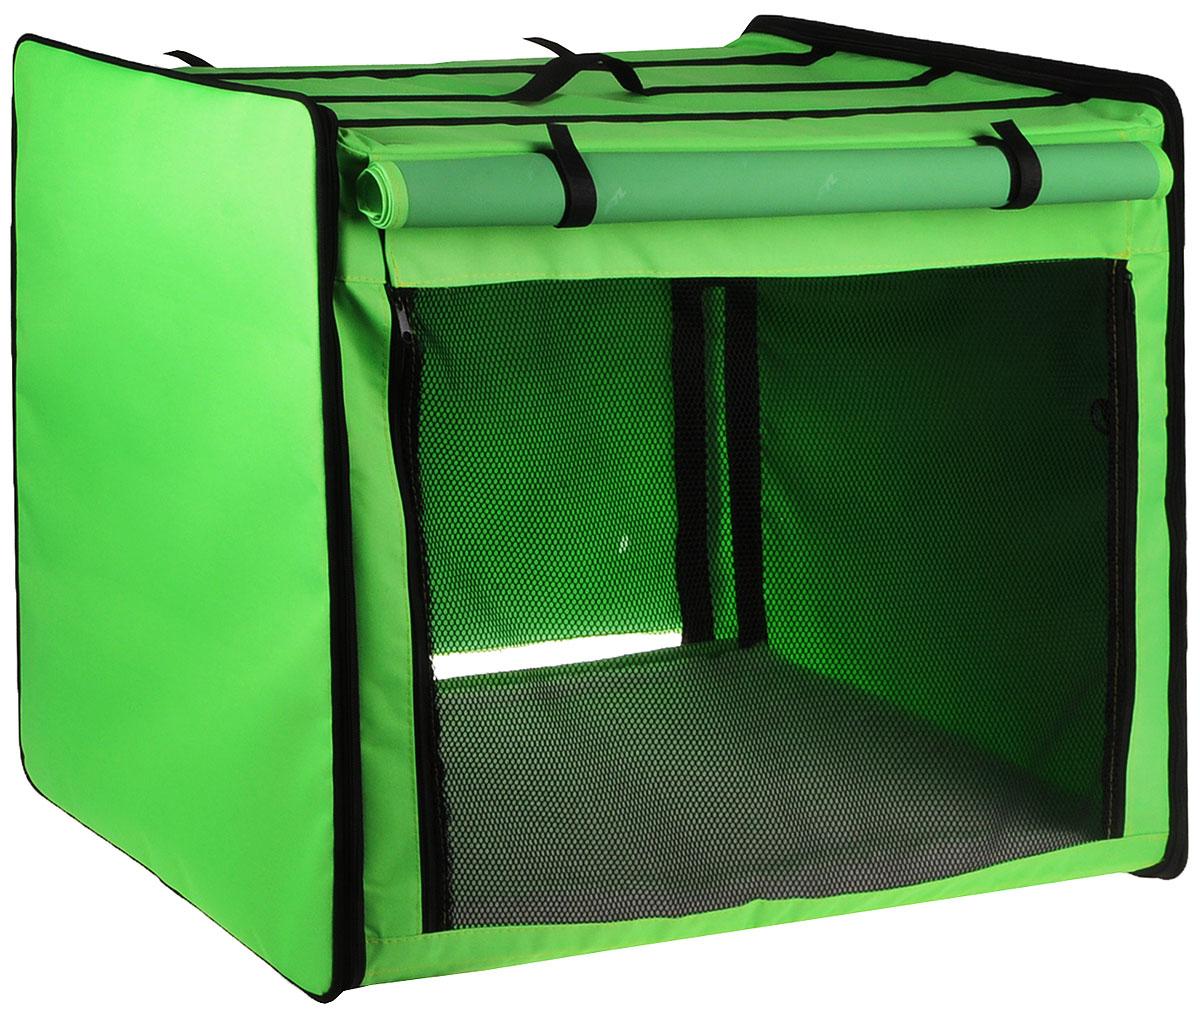 Клетка выставочная Elite Valley, цвет: черный, зеленый, 75 х 52 х 62 см. К-155001609Клетка Elite Valley предназначена для показа кошек и собак на выставках. Она выполнена из плотного текстиля, каркас - металлический. Клетка оснащена съемными пленкой и сеткой. Внутри имеется мягкая подстилка, выполненная из искусственного меха. Прозрачную пленку можно прикрыть шторкой. Сверху расположена ручка для переноски.В комплекте сумка-чехол для удобной транспортировки.